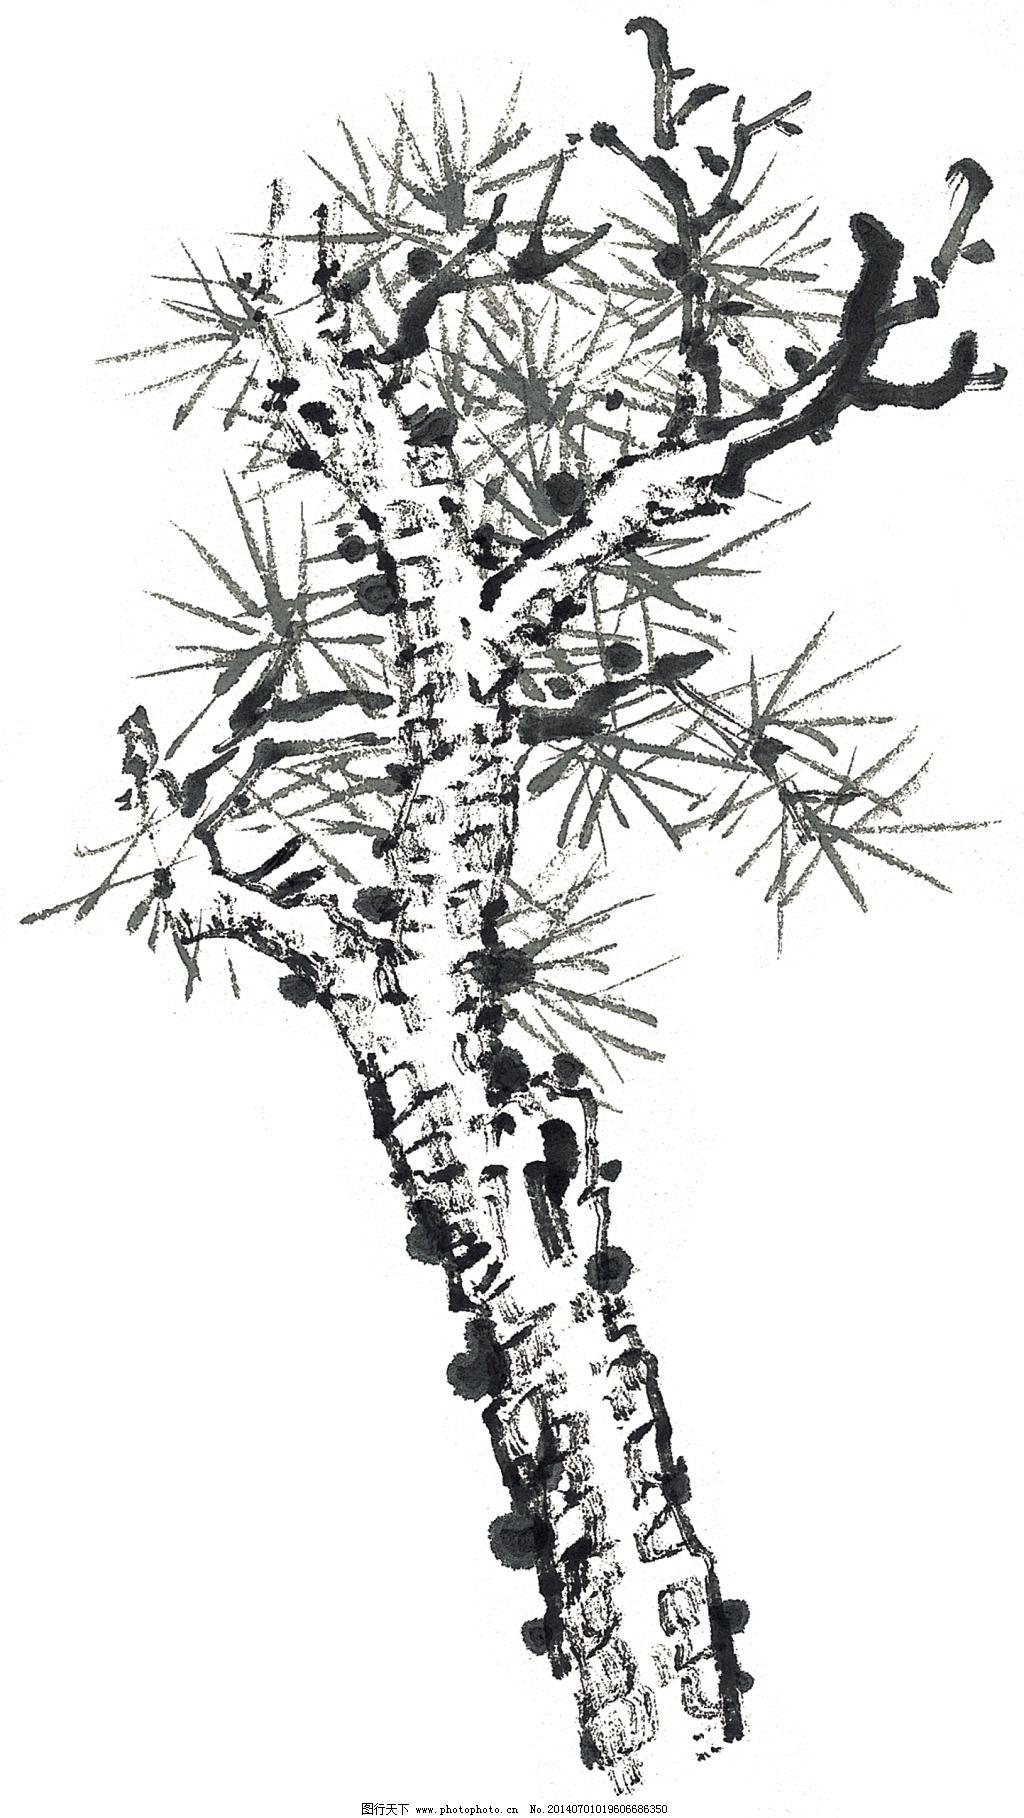 中国国画 吉祥鸟 仙鹤 松树 风图片